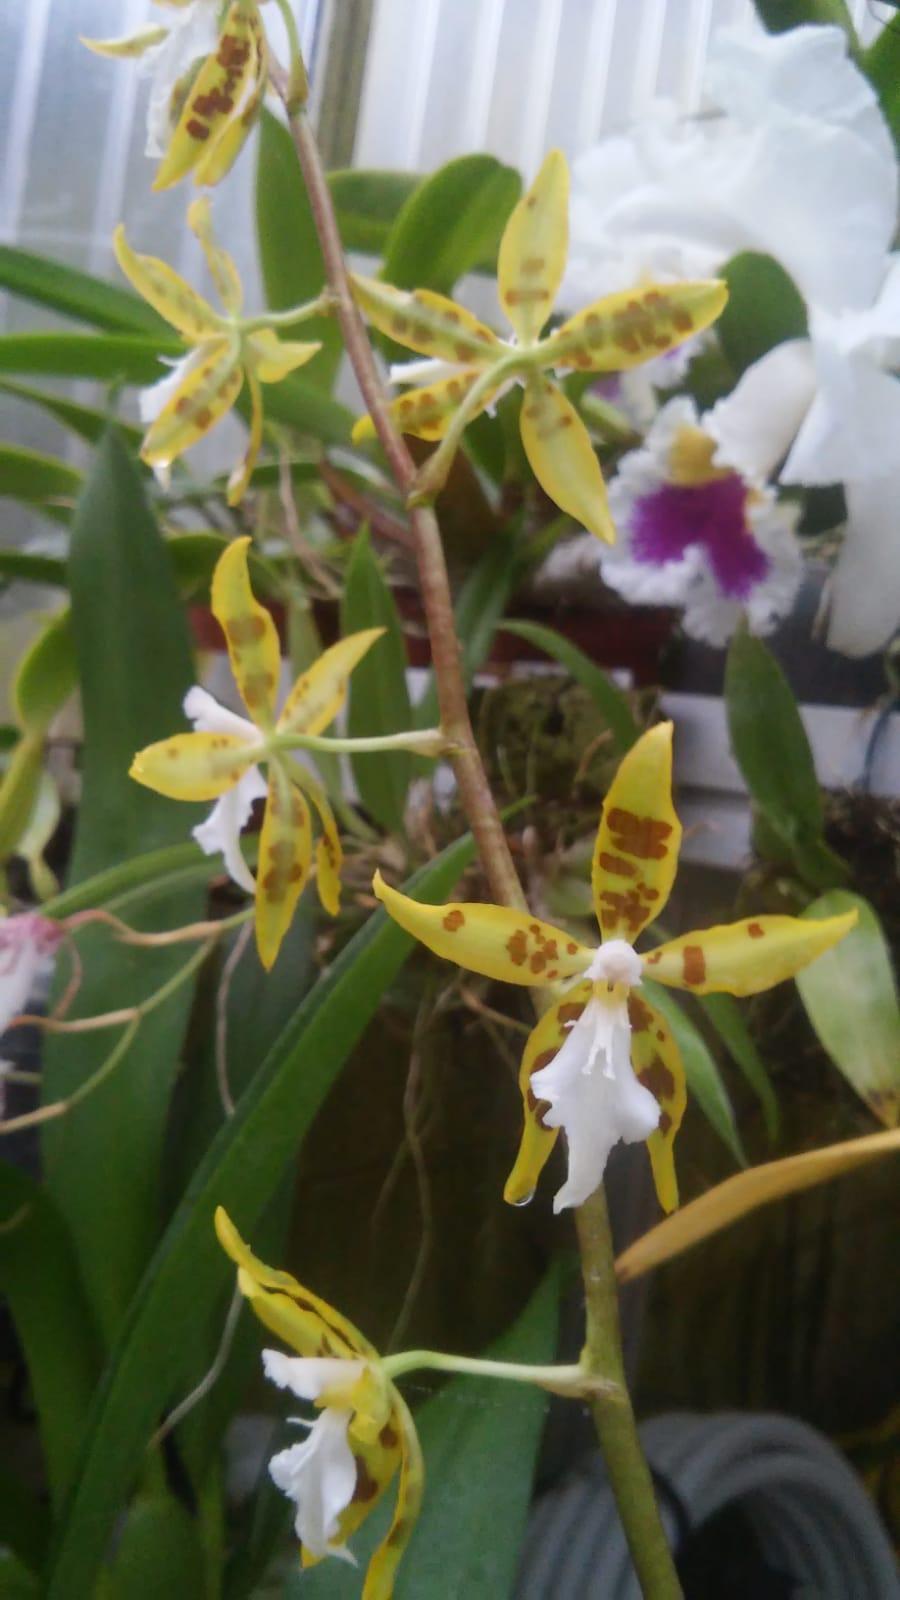 Odontoglossum ariasii Whatsa46